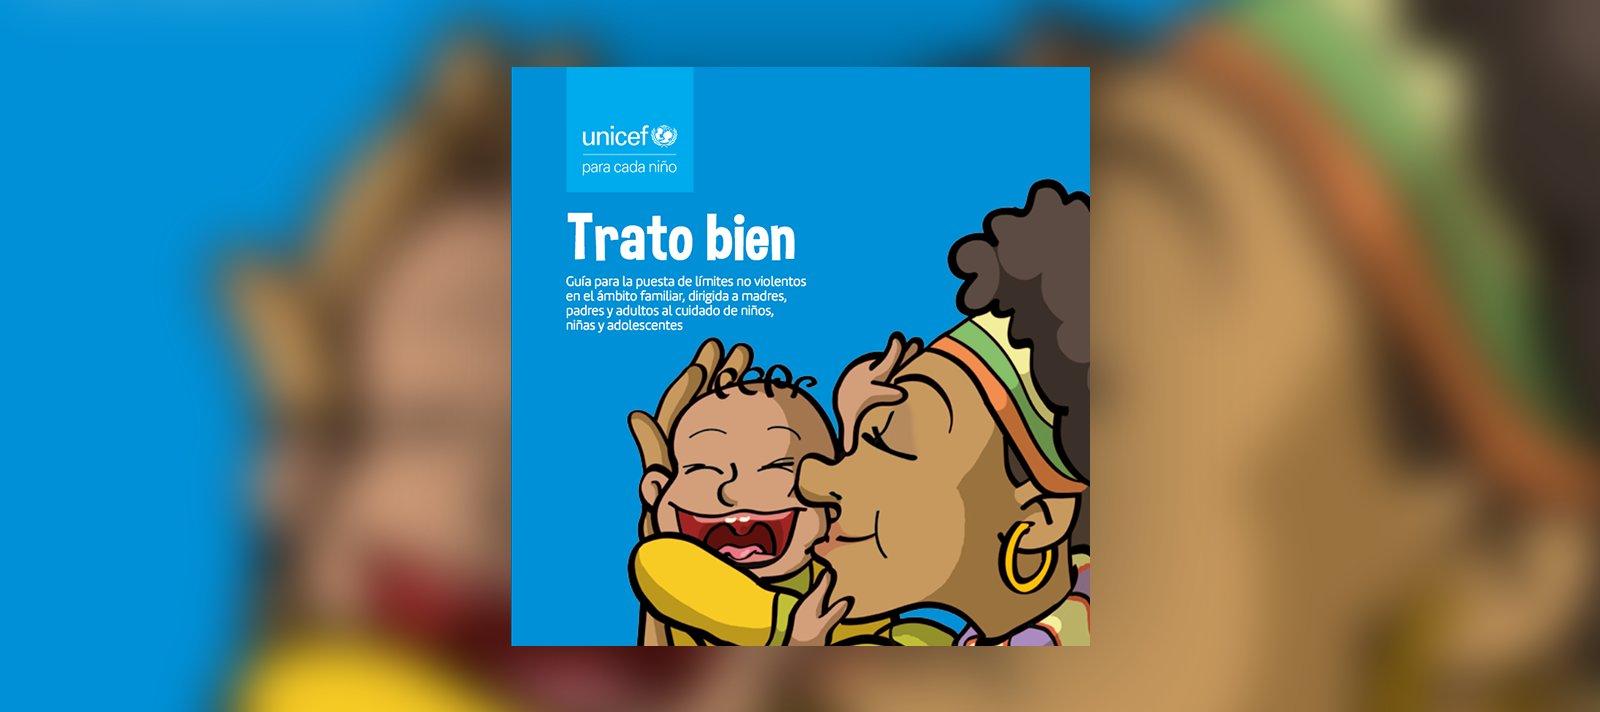 Guía para el trato bien, para puesta de limites no violentos de la UNICEF